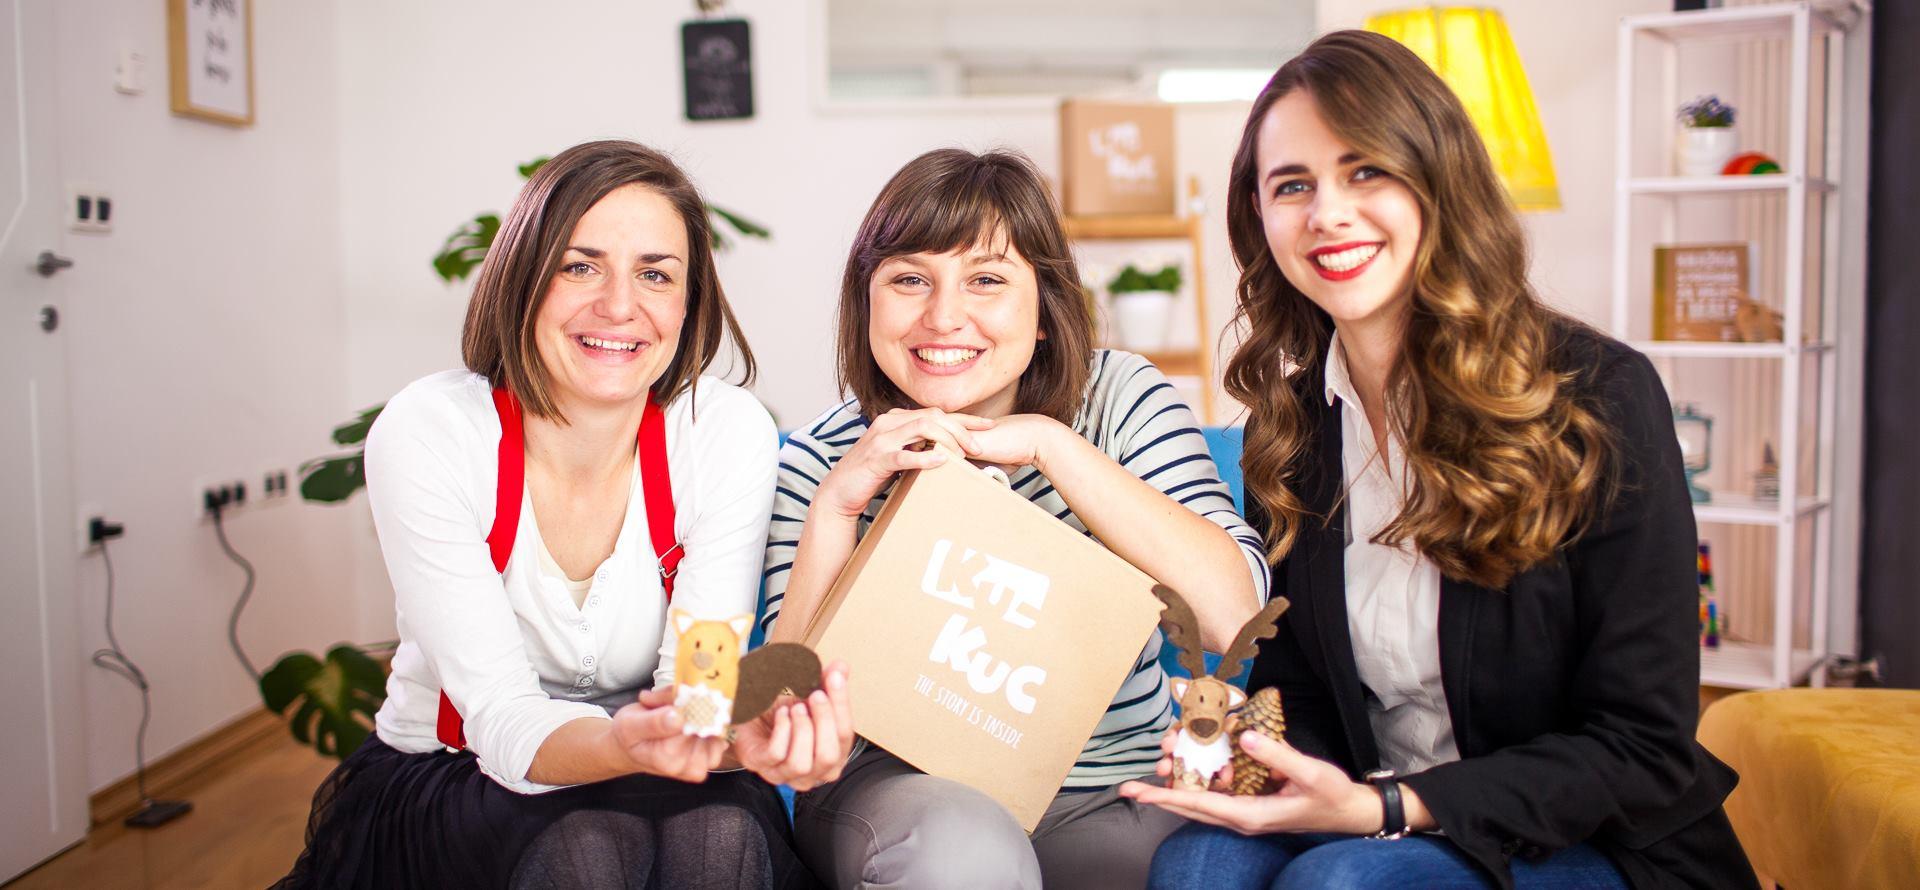 'Ku-kuc' kutije stižu u dječje bolnice i domove